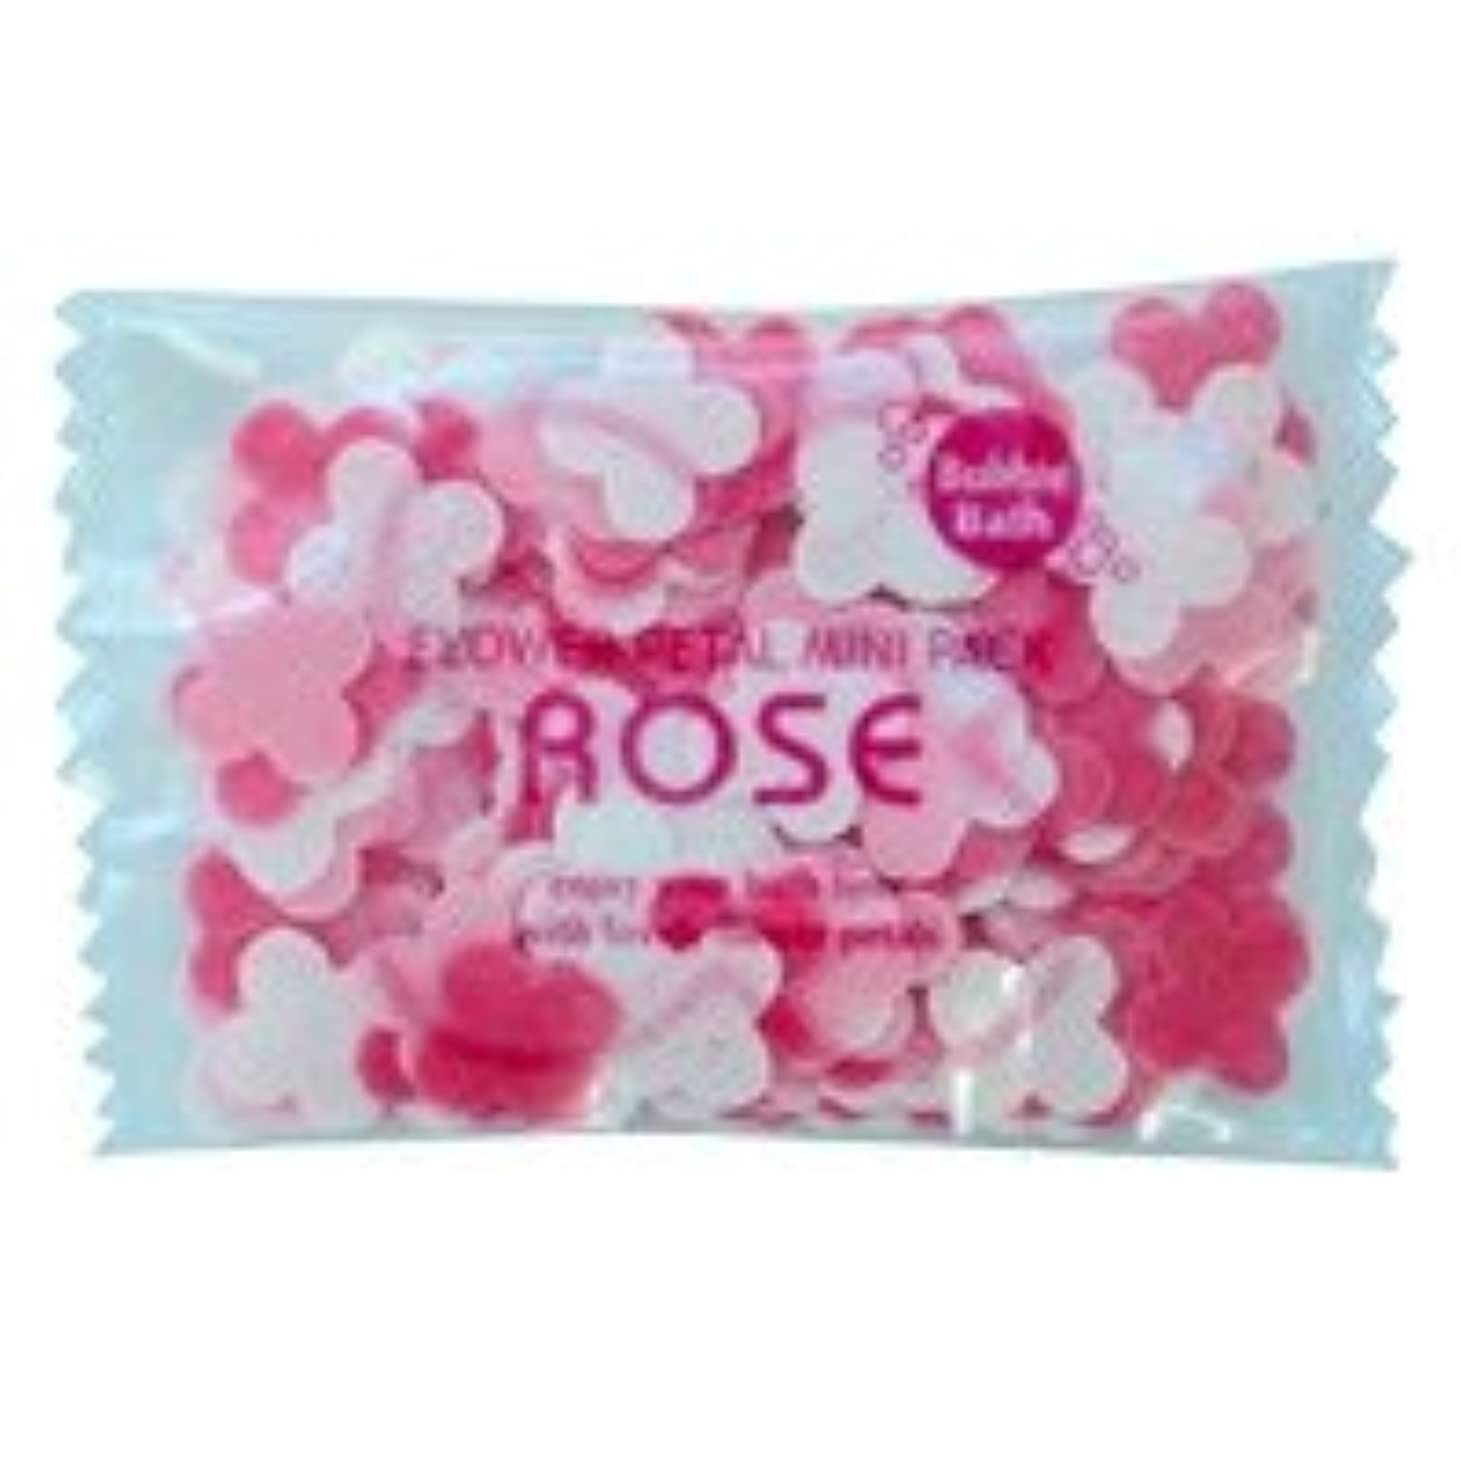 恒久的誇りに思う好戦的なフラワーペタル バブルバス ミニパック「ローズ」20個セット ハッピーな気分になりたい日に幸福感で包んでくれる華やかなローズの香り